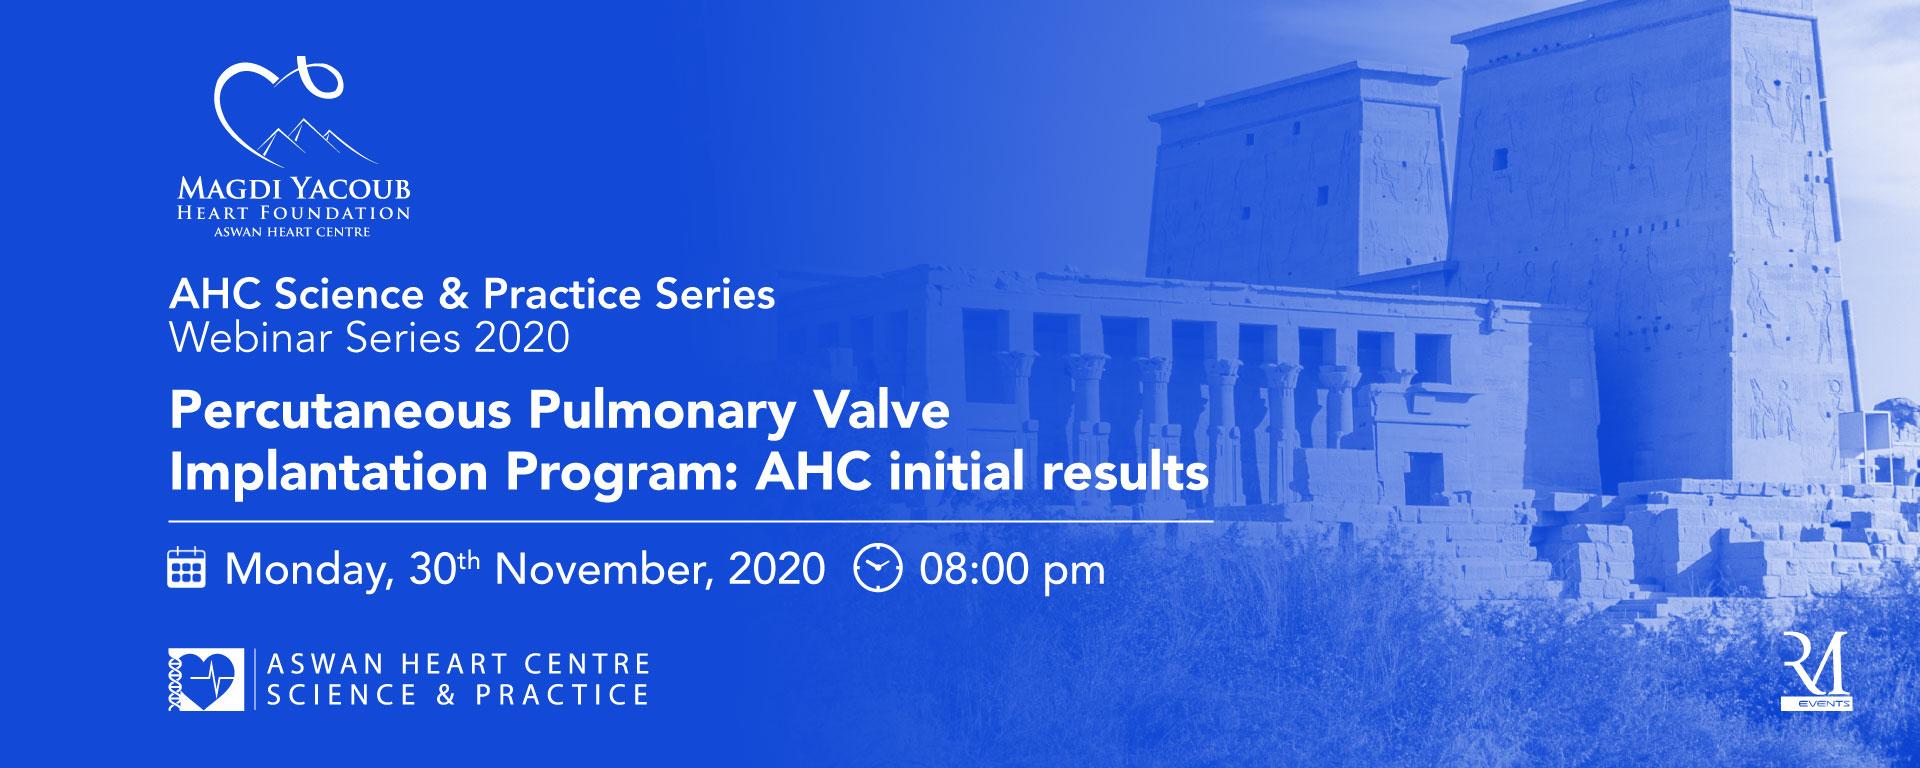 AHC Science & Practice Series Webinar Series 2020